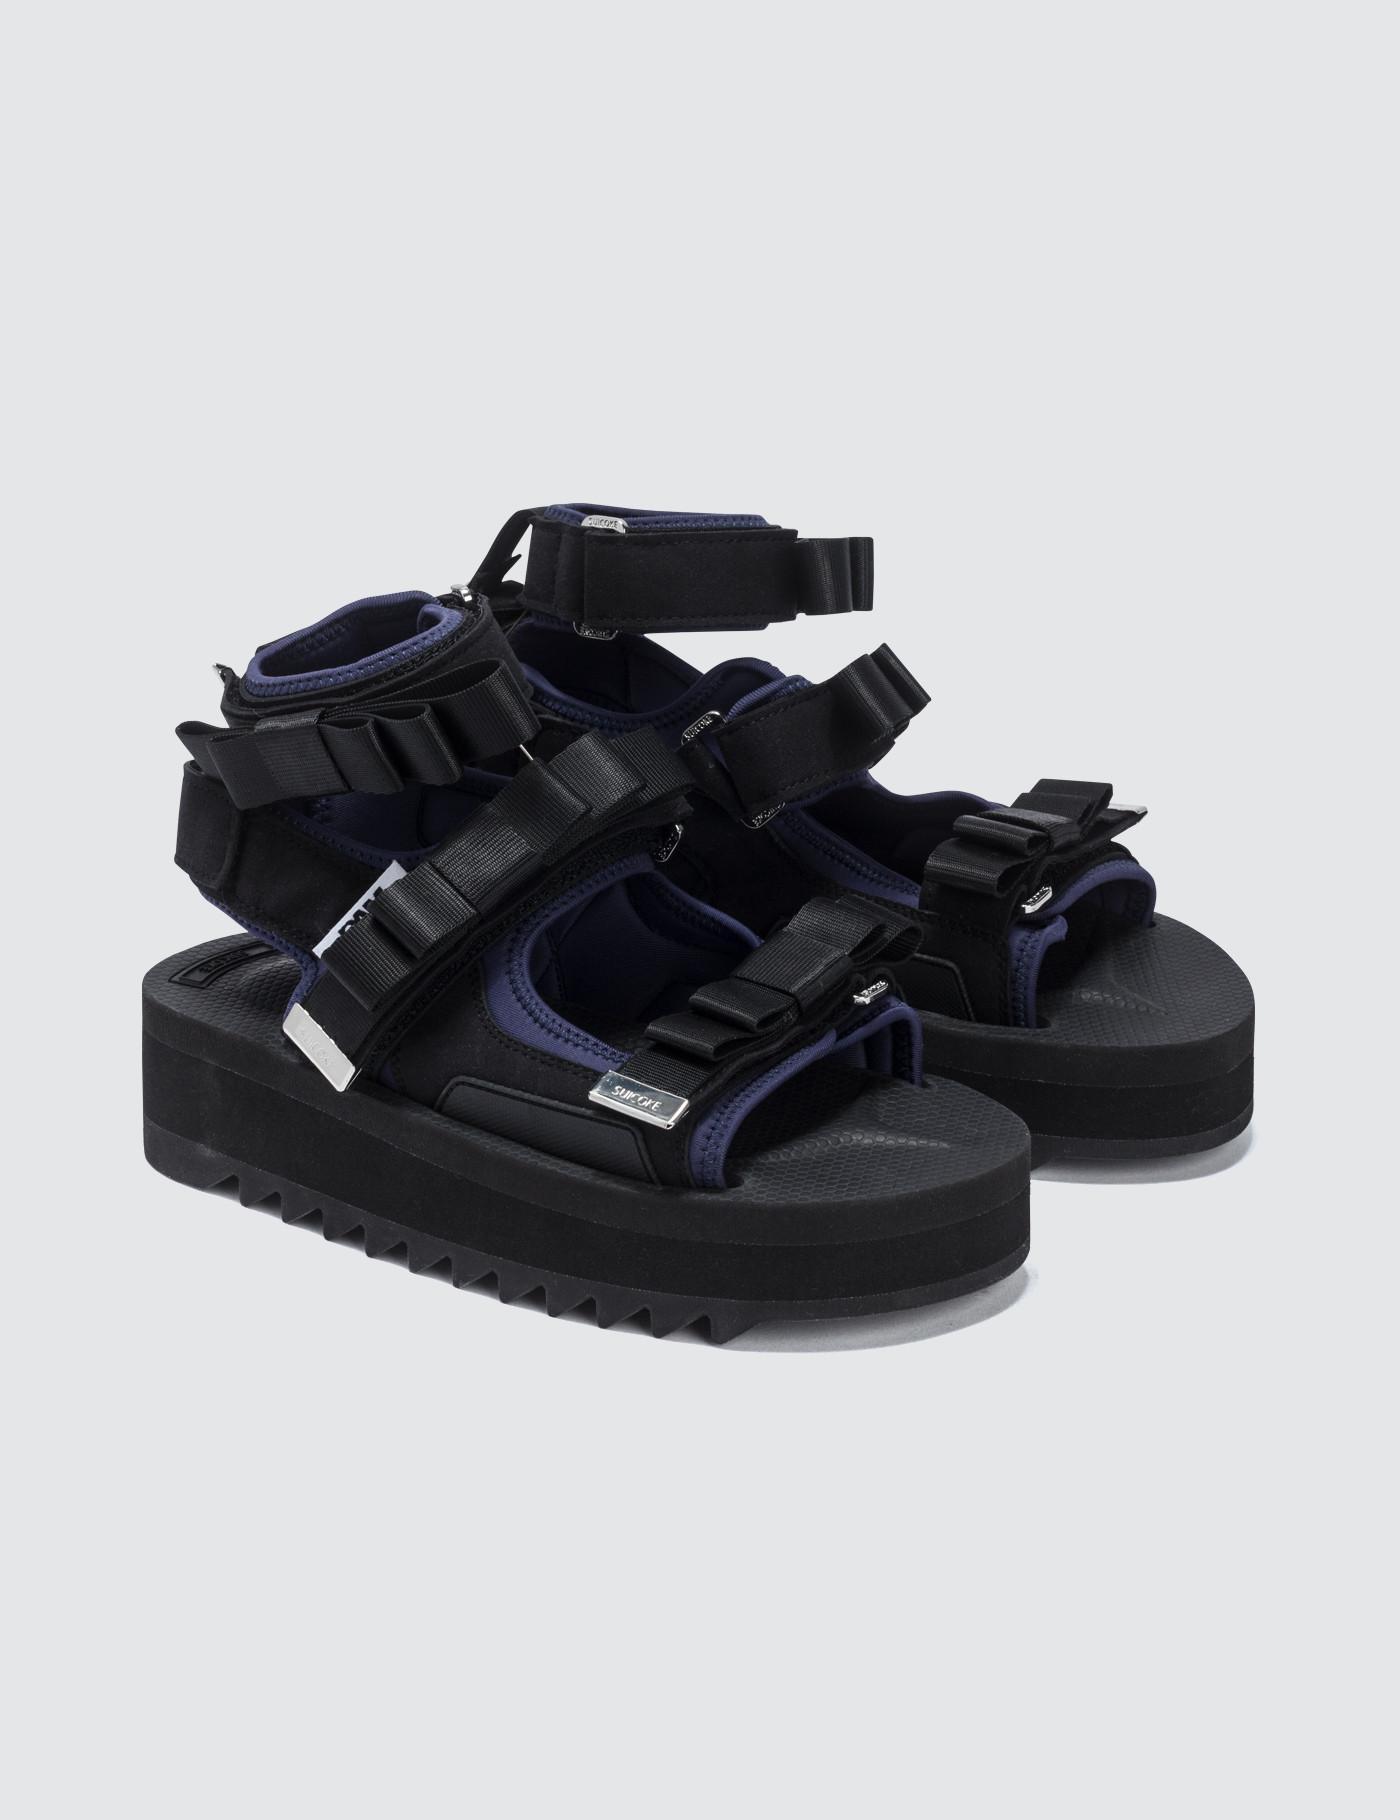 b7f6e9399449 Lyst - Suicoke P.a.m. X Walk To Me Sandals in Black